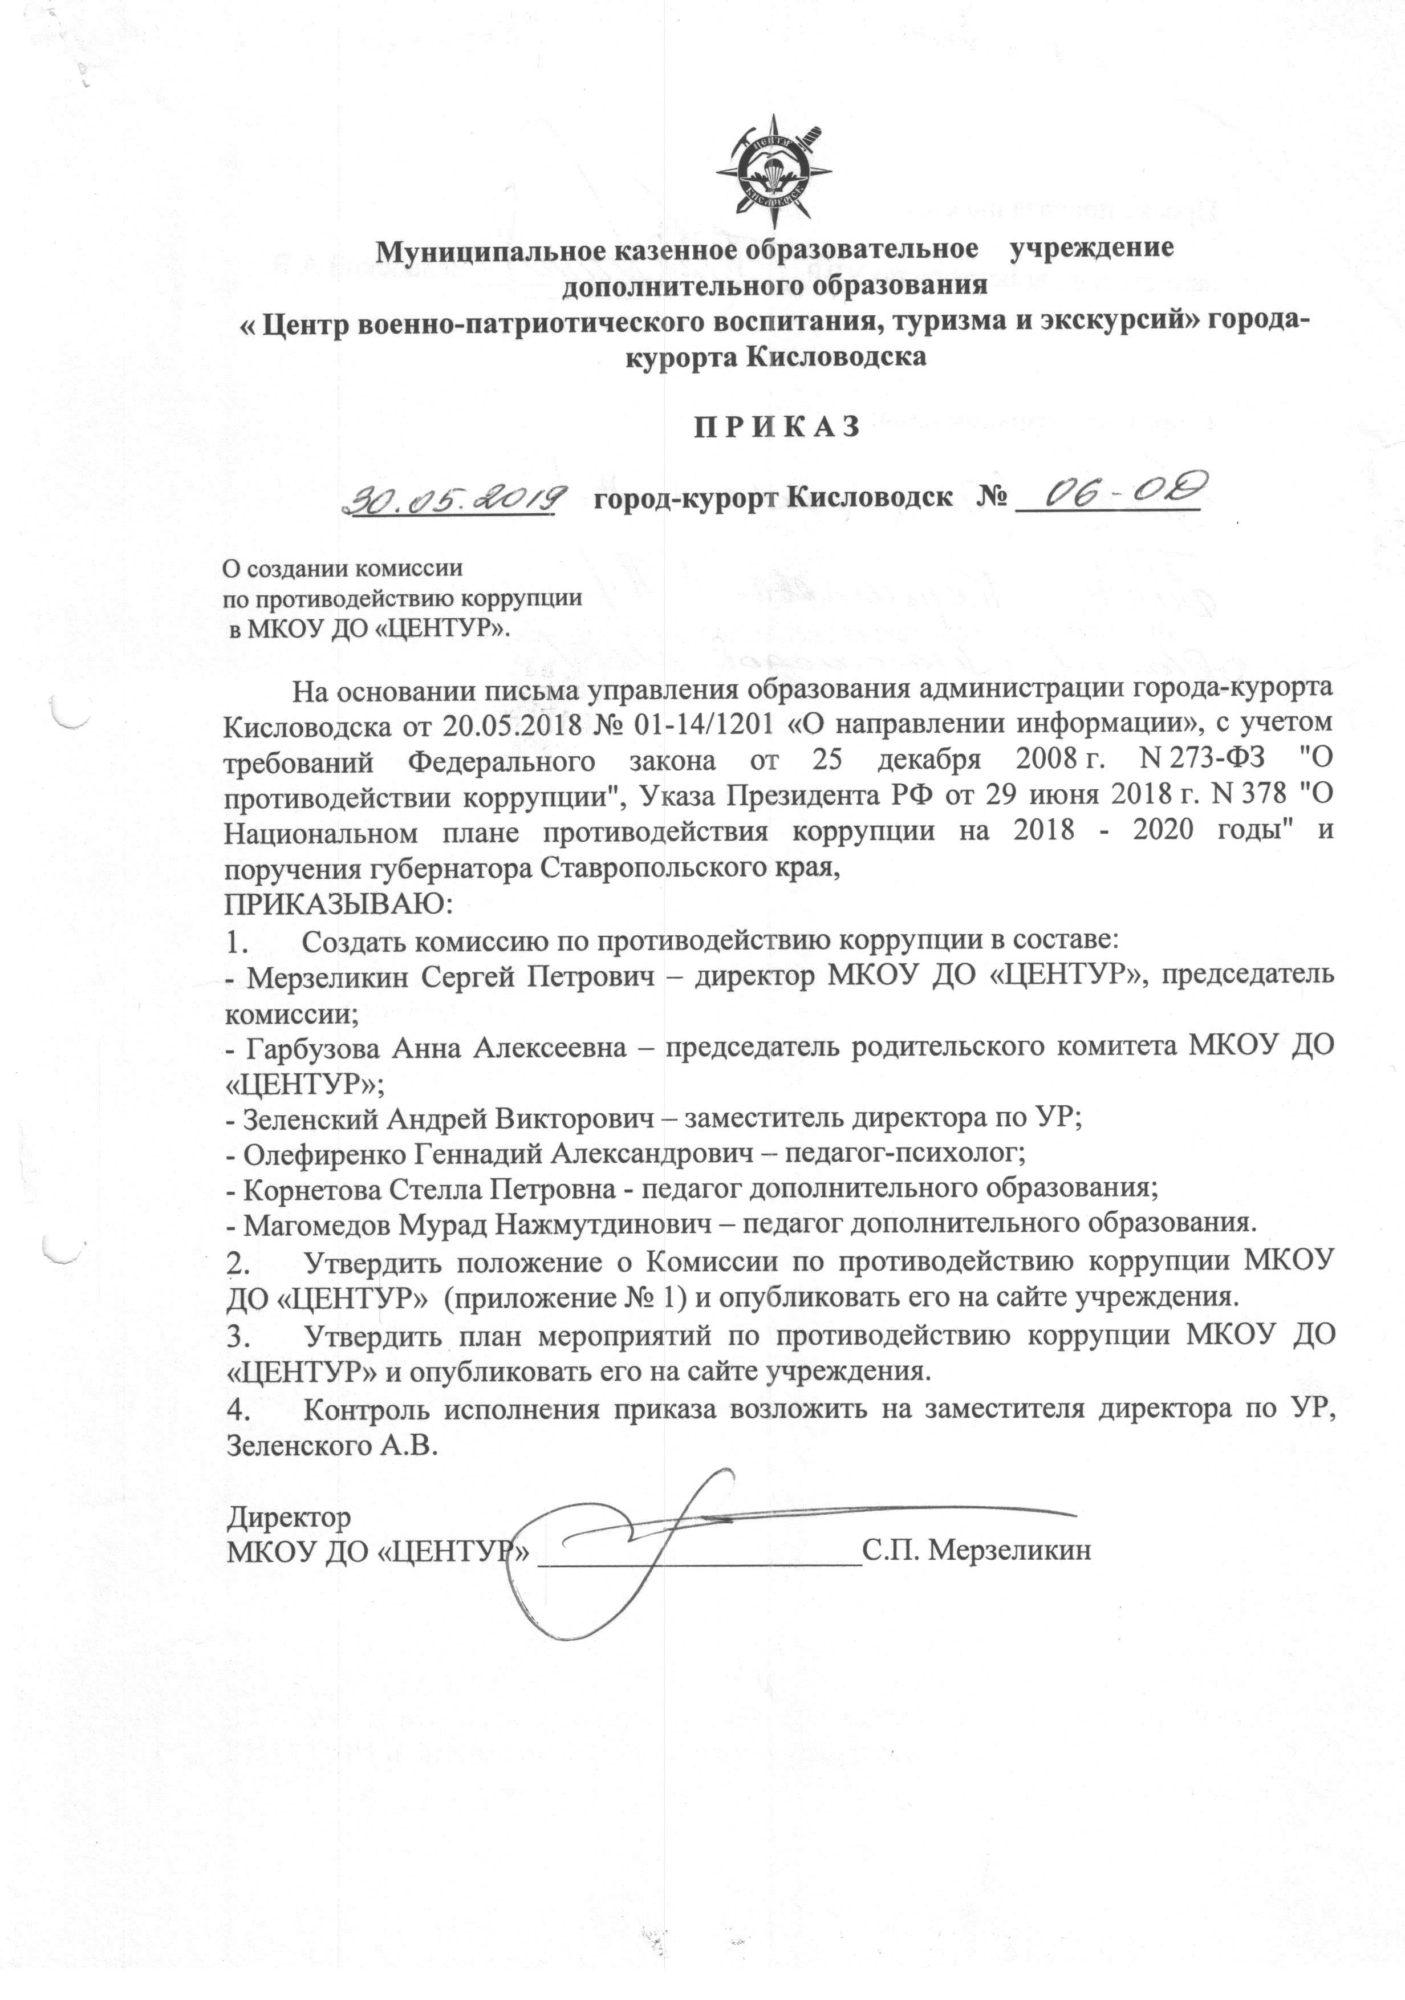 Антикоррупционная документация 001